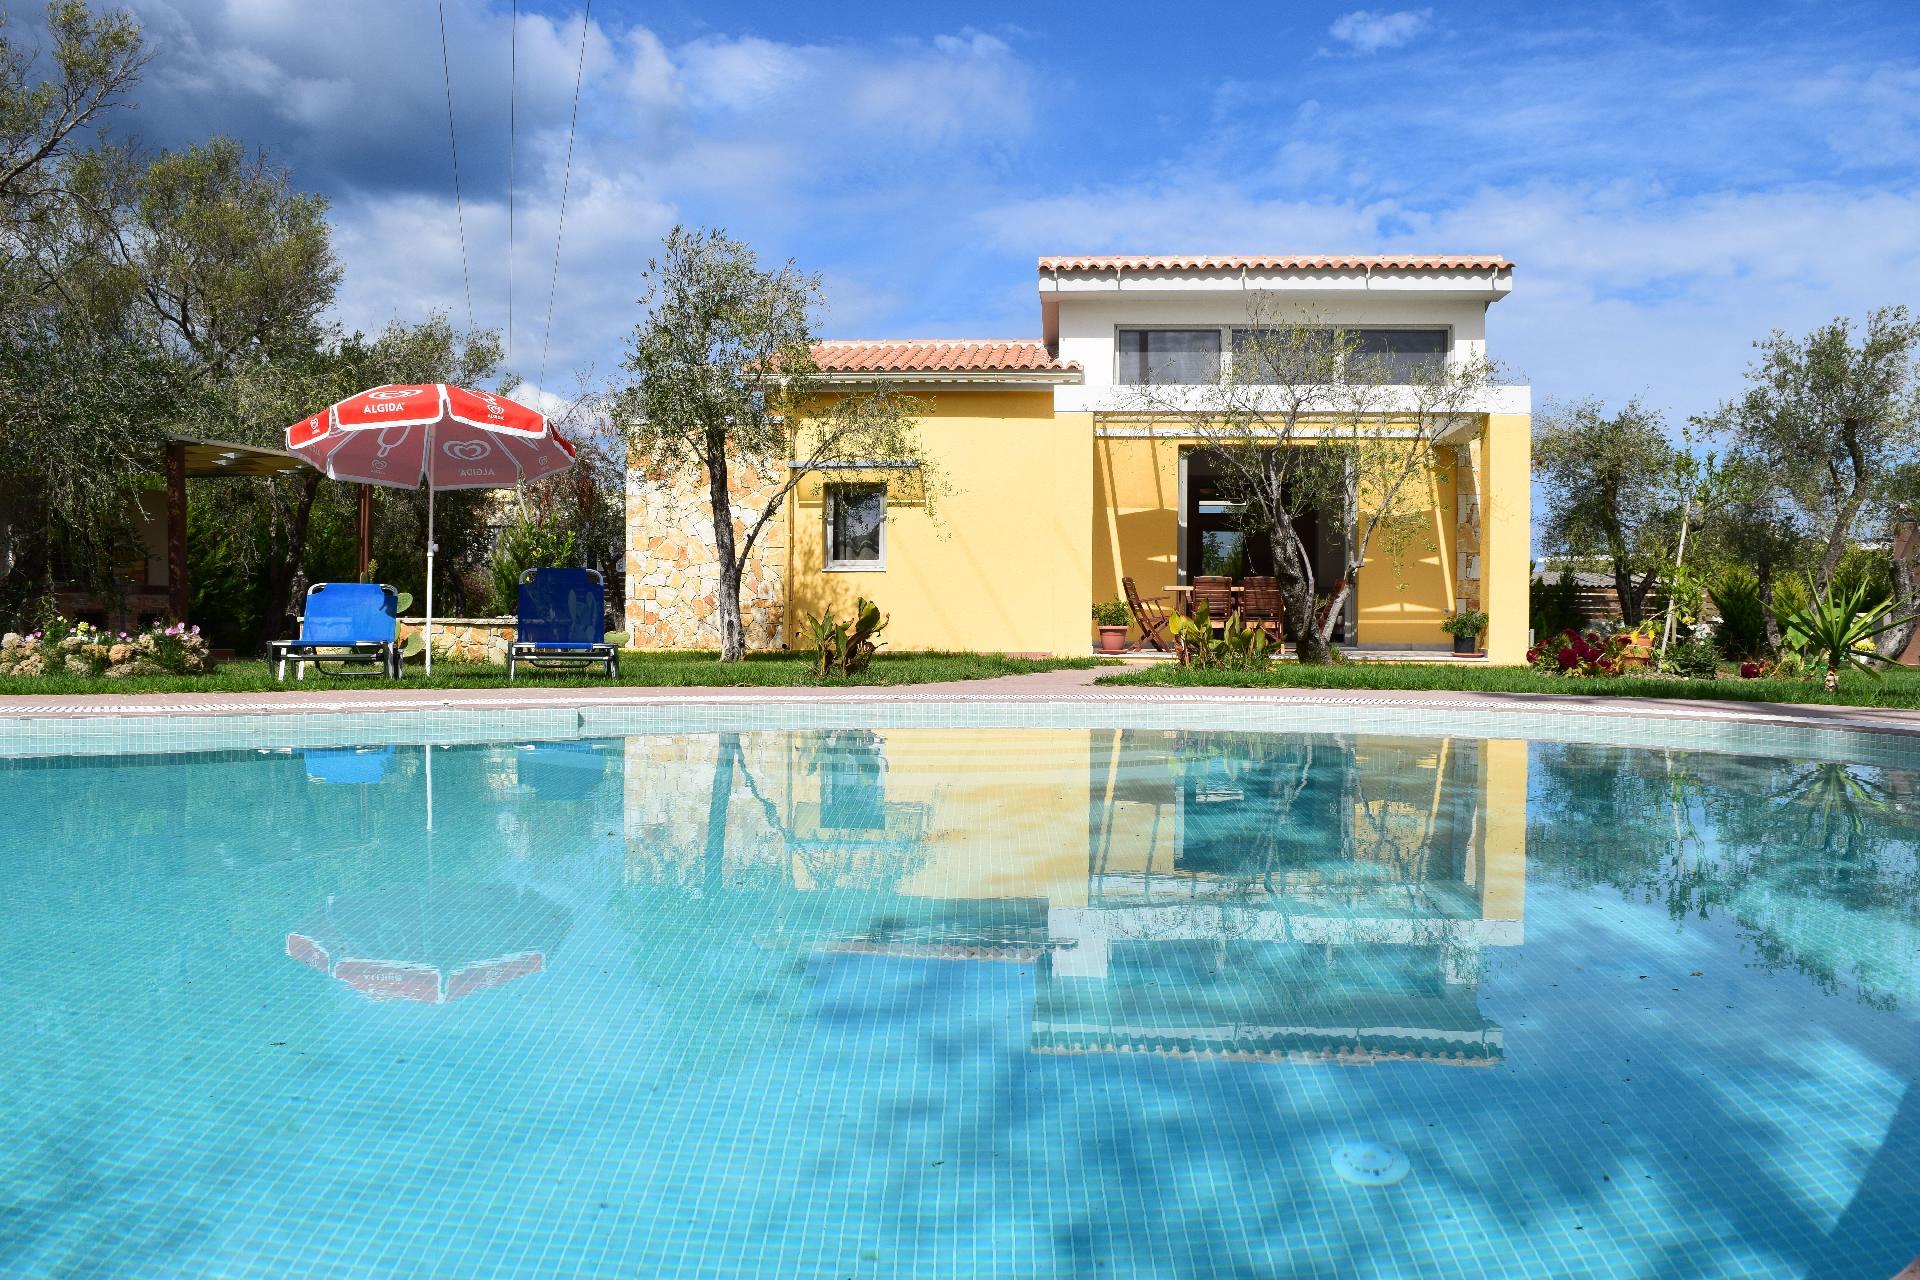 Ferienhaus für 4 Personen  + 1 Kind ca. 95 m&  in Griechenland